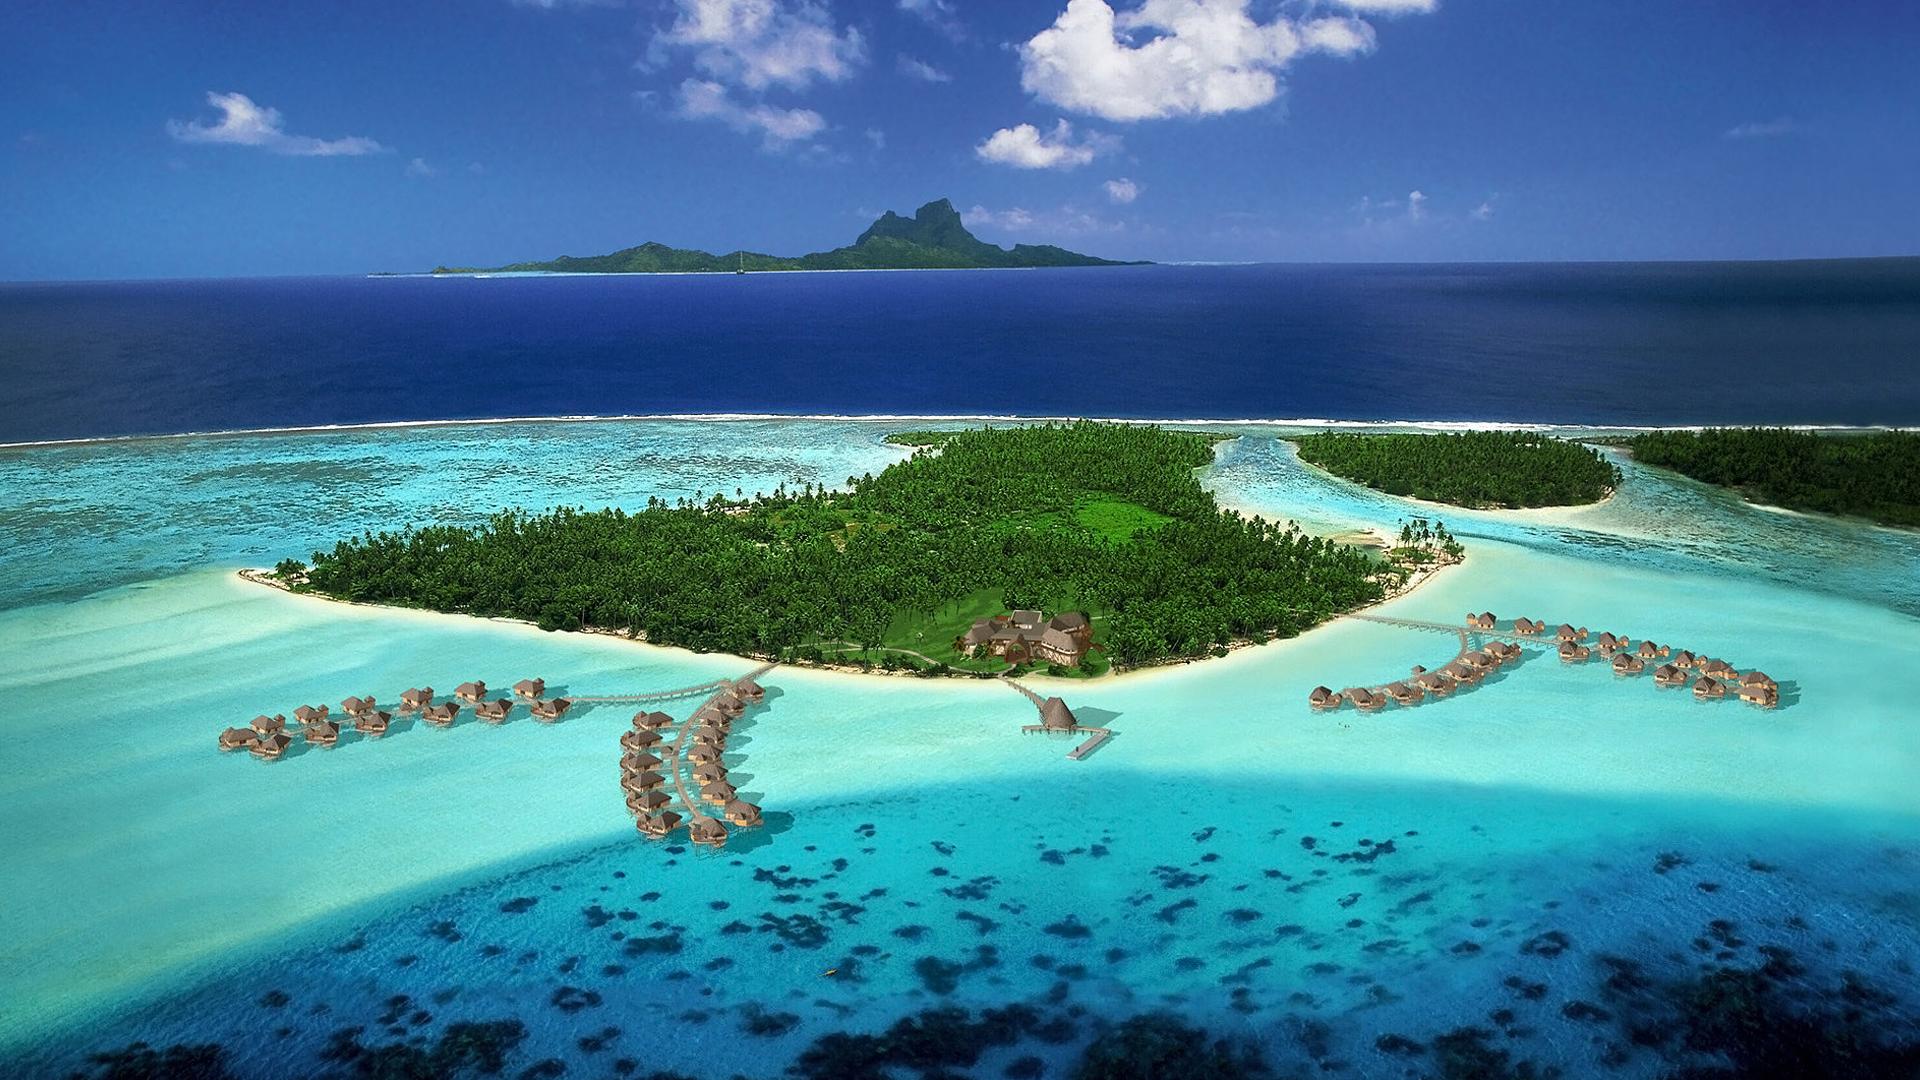 French Polynesia Resorts Wallpaper HD 1080p HD Desktop Wallpapers 1920x1080